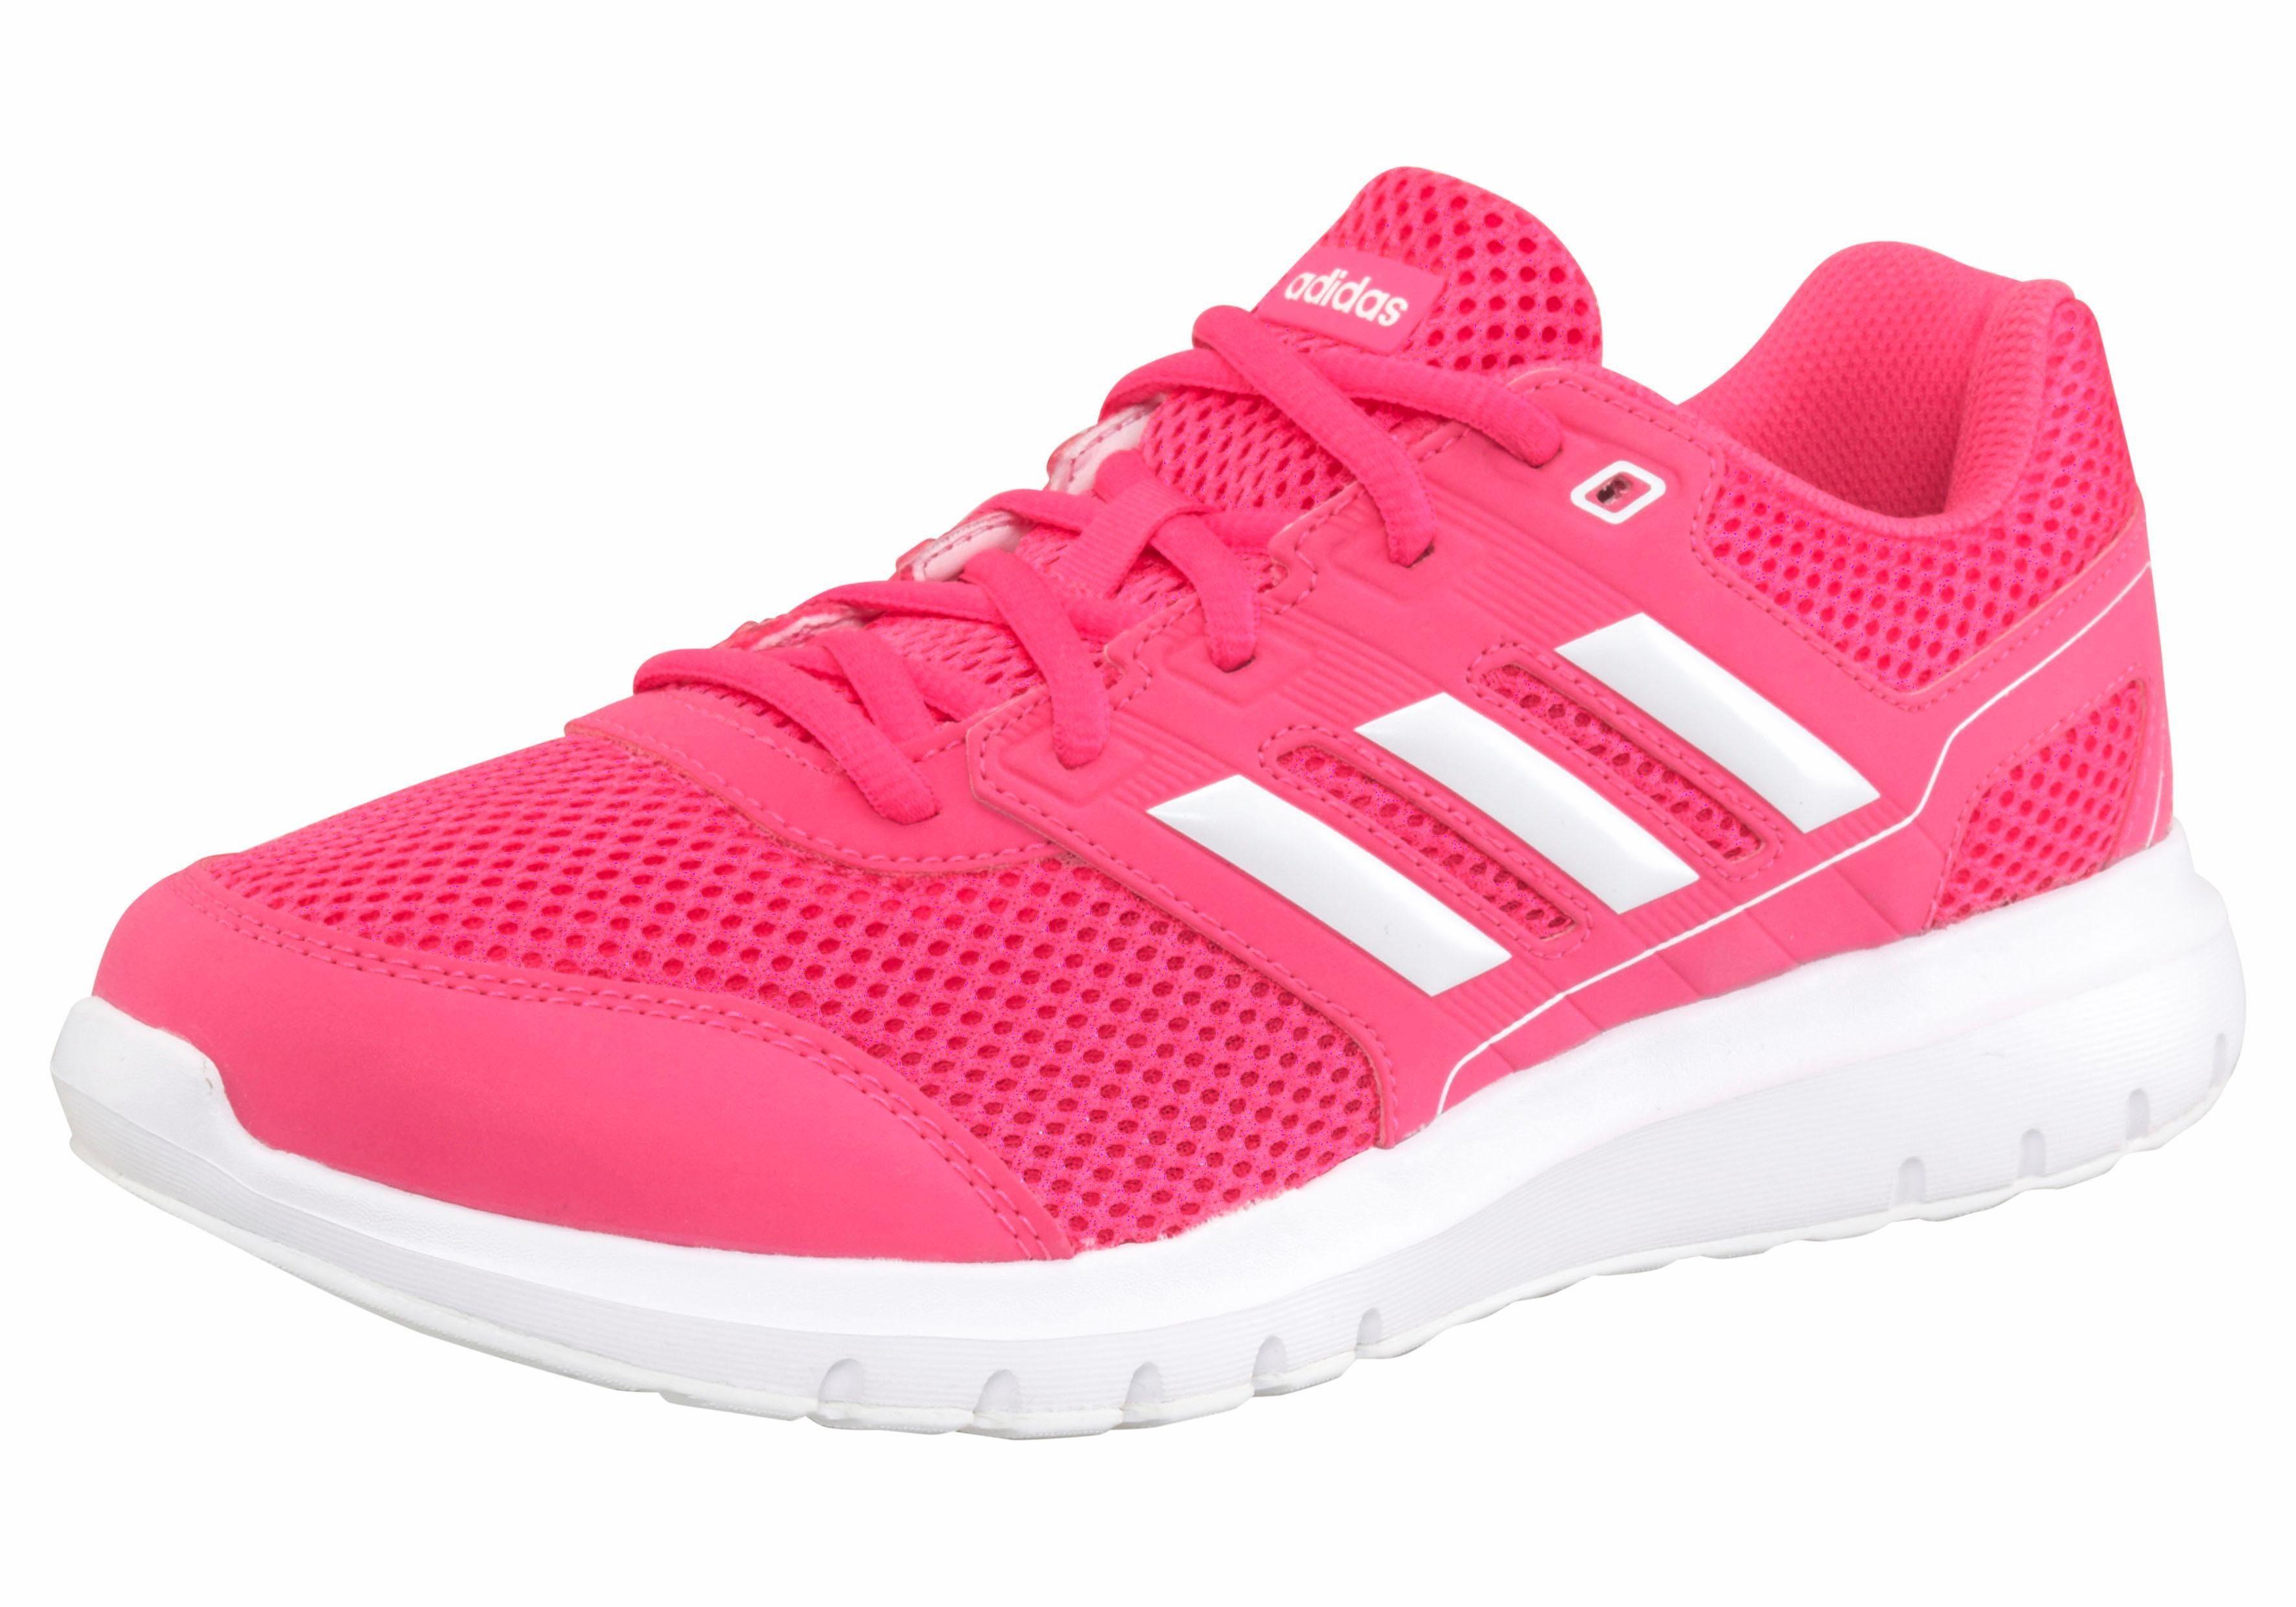 adidas Duramo Lite 20 W Laufschuh online kaufen  pink-weiß